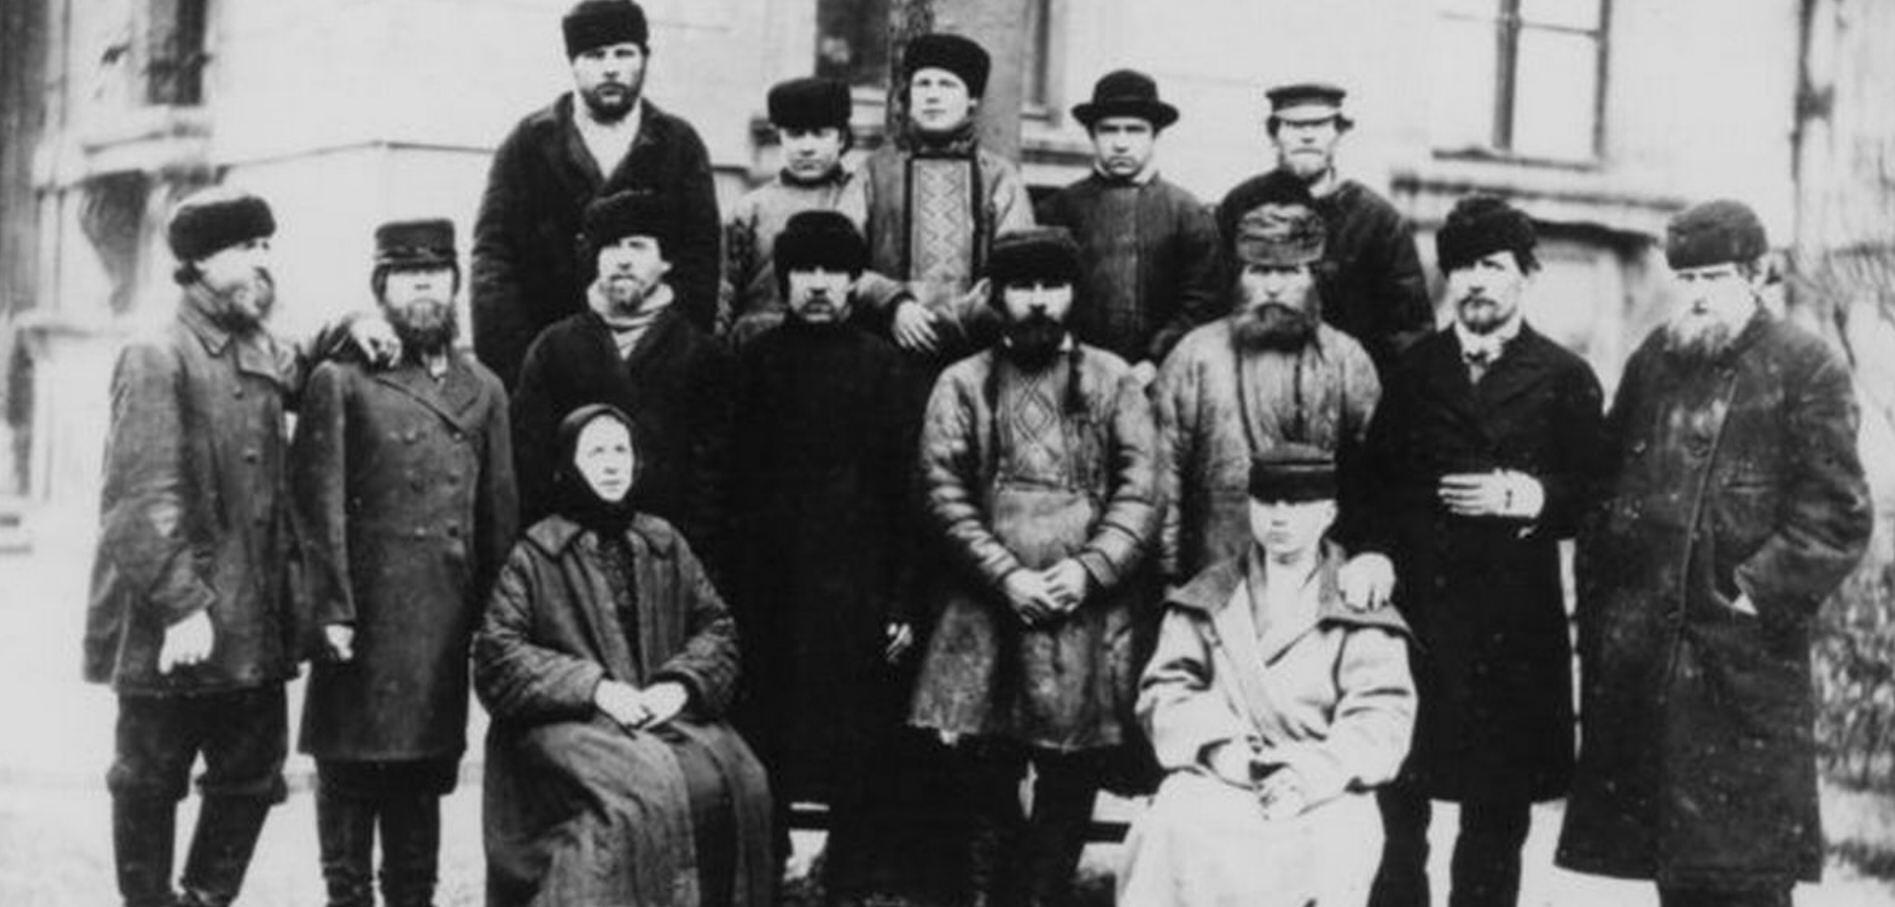 Укушенные бешеным волком жители Смоленской губернии в Институте Пастера в Париже в 1886 году.